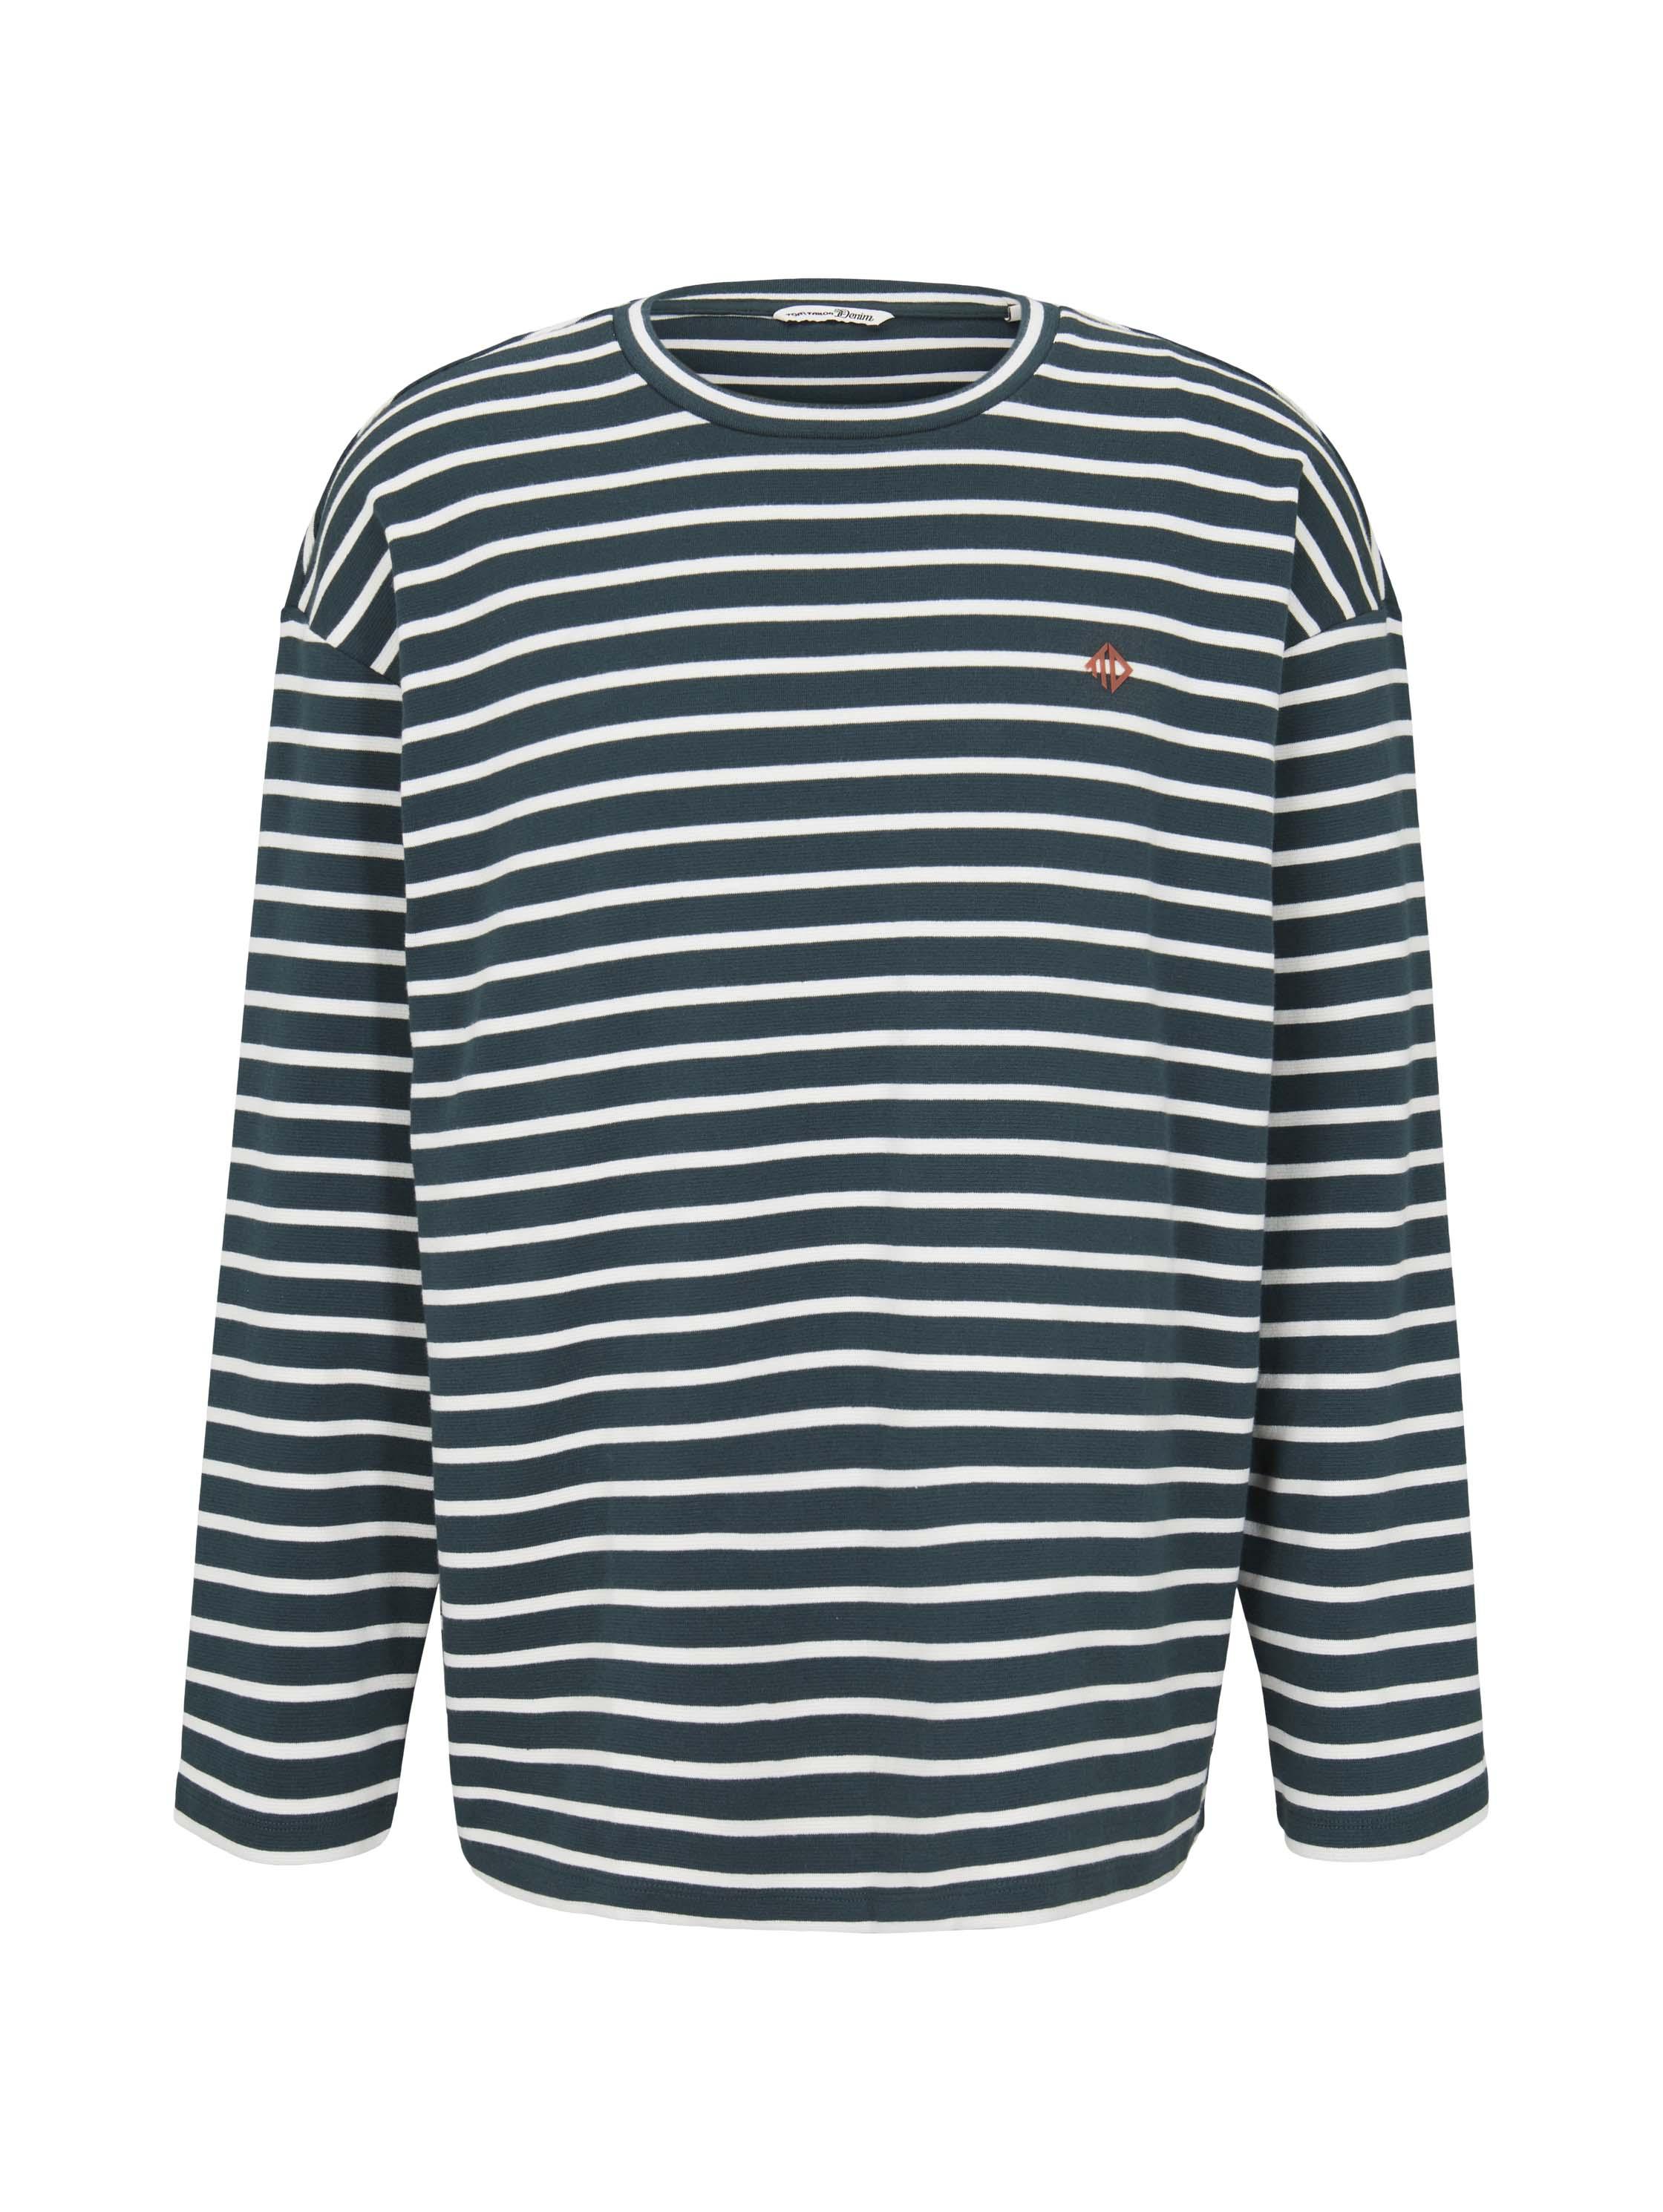 boxy striped longsleeve Tee, green white yd stripe